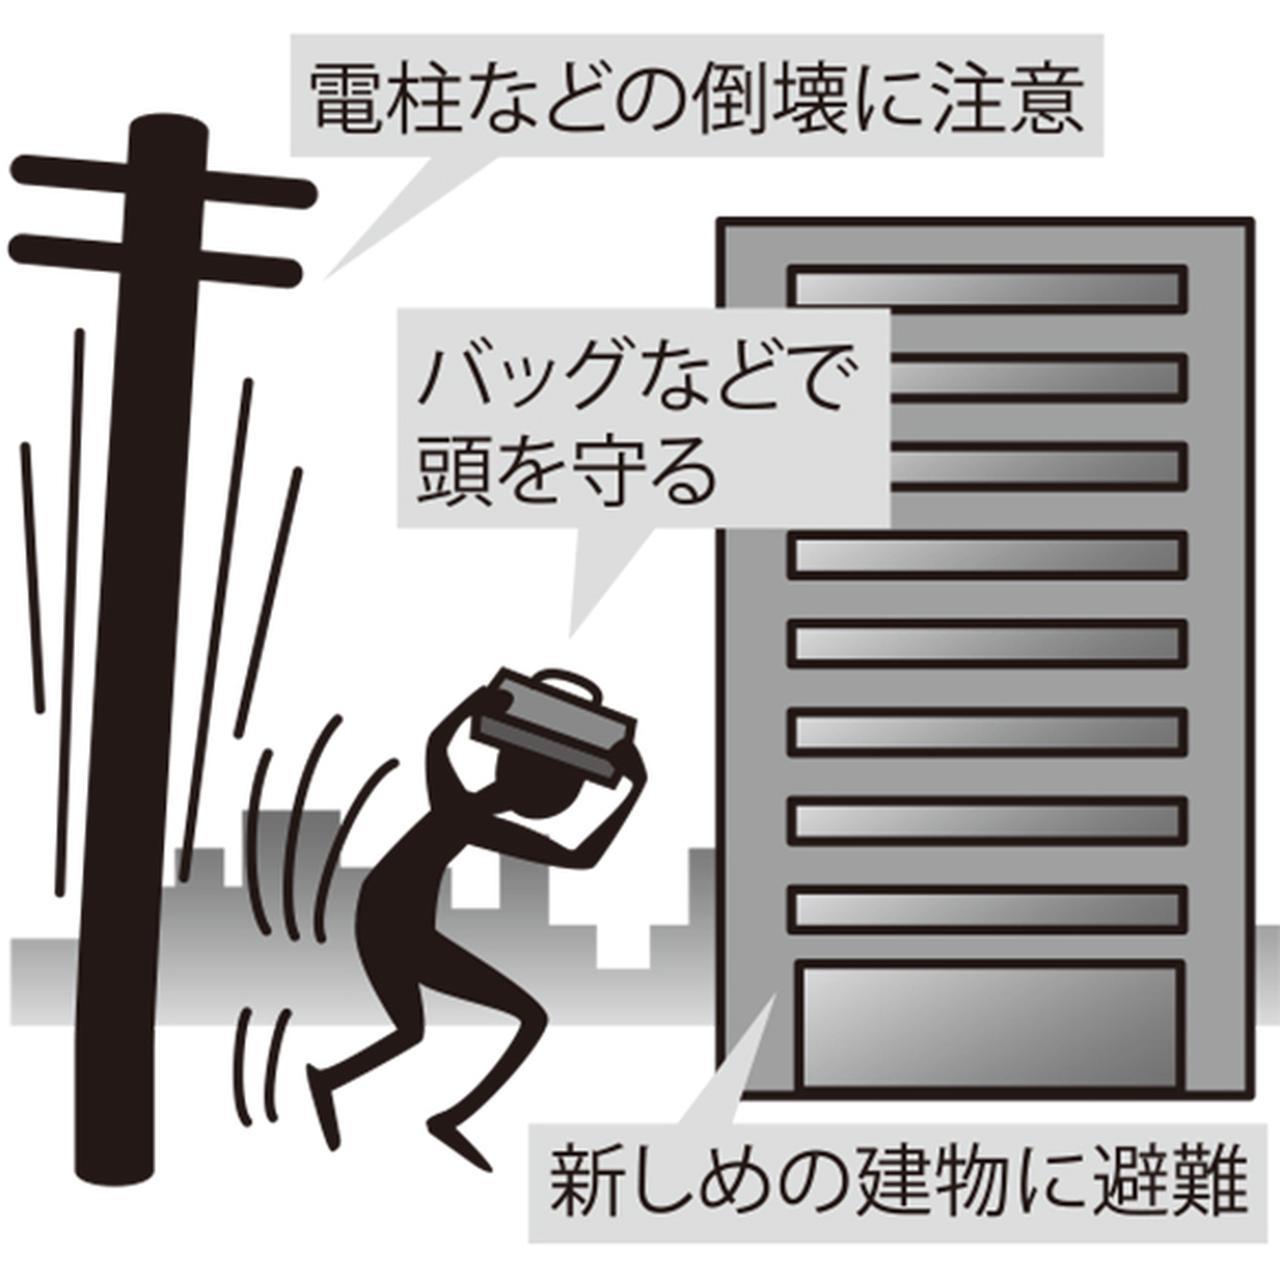 画像1: プロが勧める防災グッズを紹介!地震で閉じ込められた人の救助に役立つ「レザーソー レスキュー救助セット」